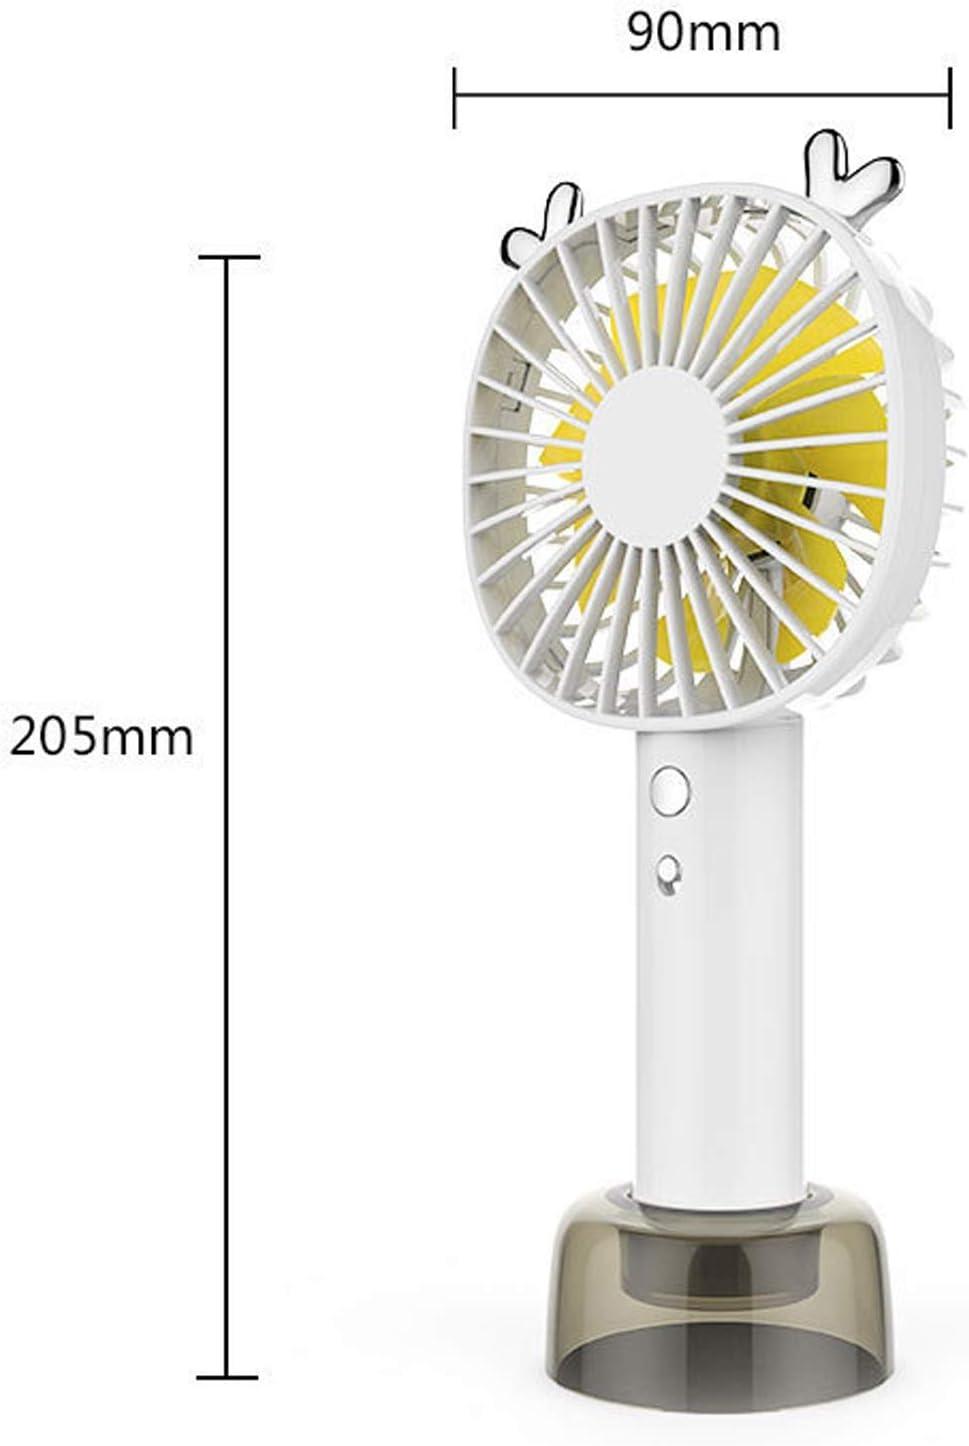 Color : Green Mini Portable Cooling Fan Handheld USB Fan Charging Portable Mute Desktop Fan Phone Bracket Table Fan Strong Wind Outdoor Bedroom